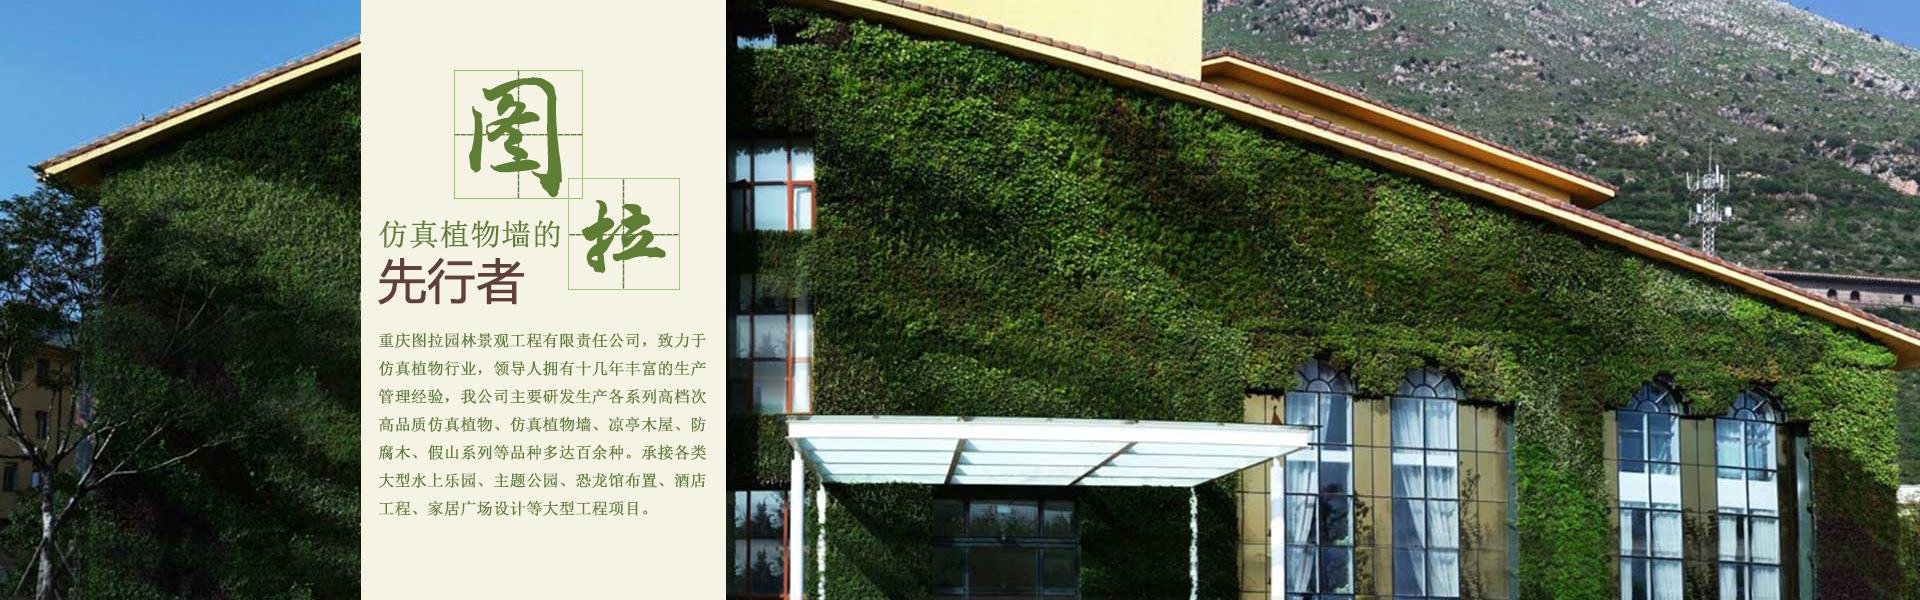 重庆图拉园林景观工程有限责任公司主要研发生产各系列高档次高品质仿真植物、仿真植物墙、凉亭木屋、防腐木、假山系列等品种多达百余种。